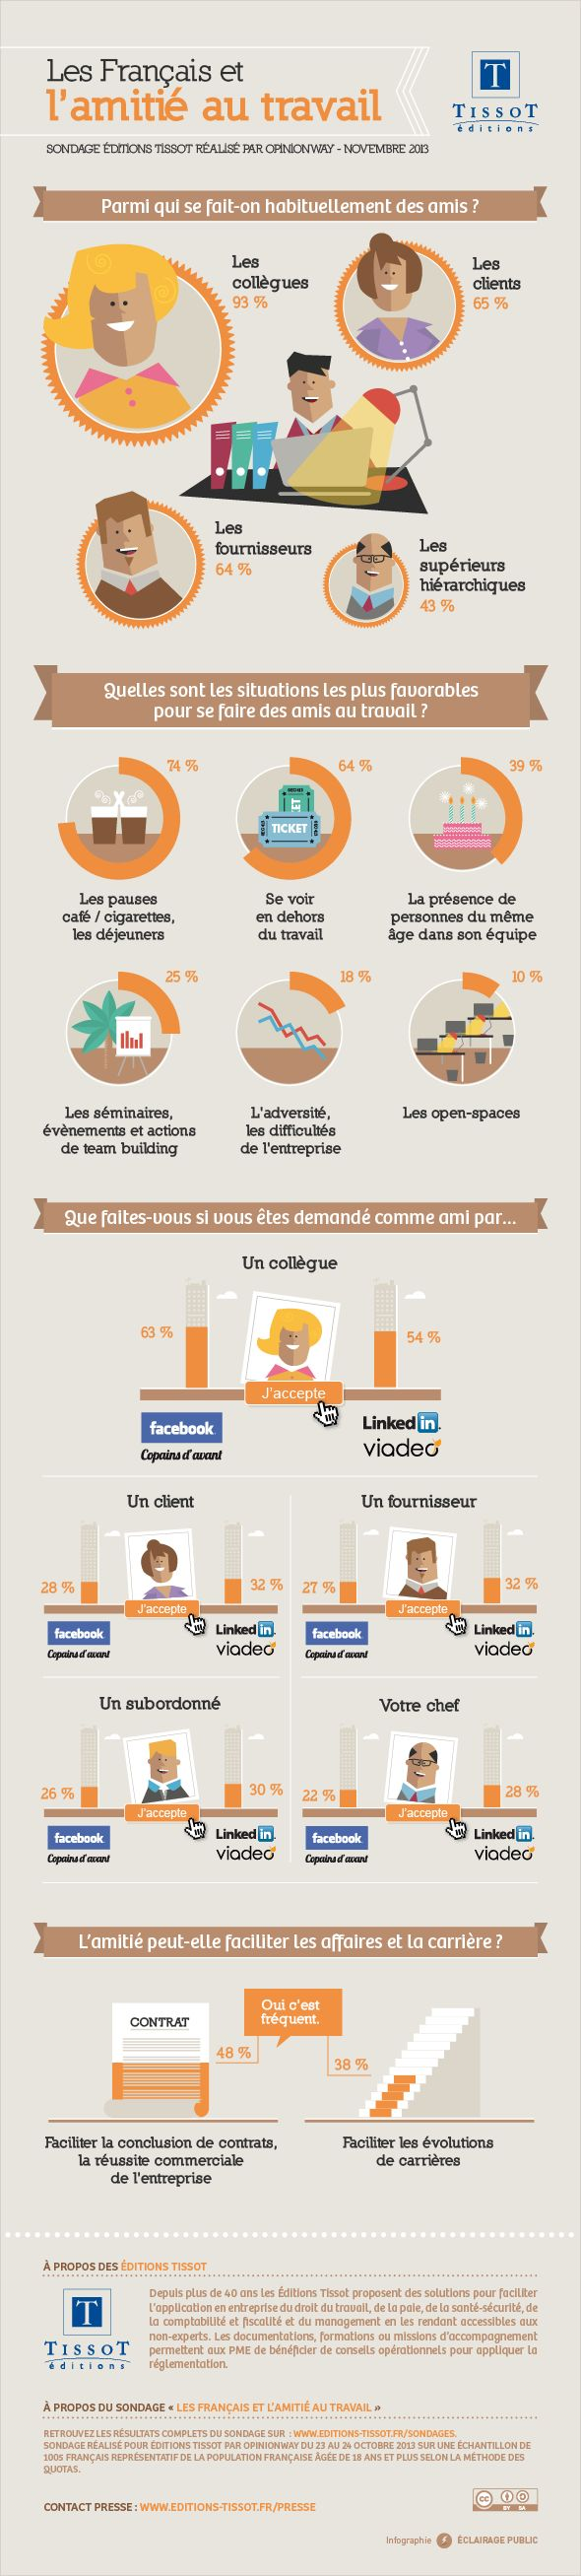 Infographic tutorial illustrator cc francais pour